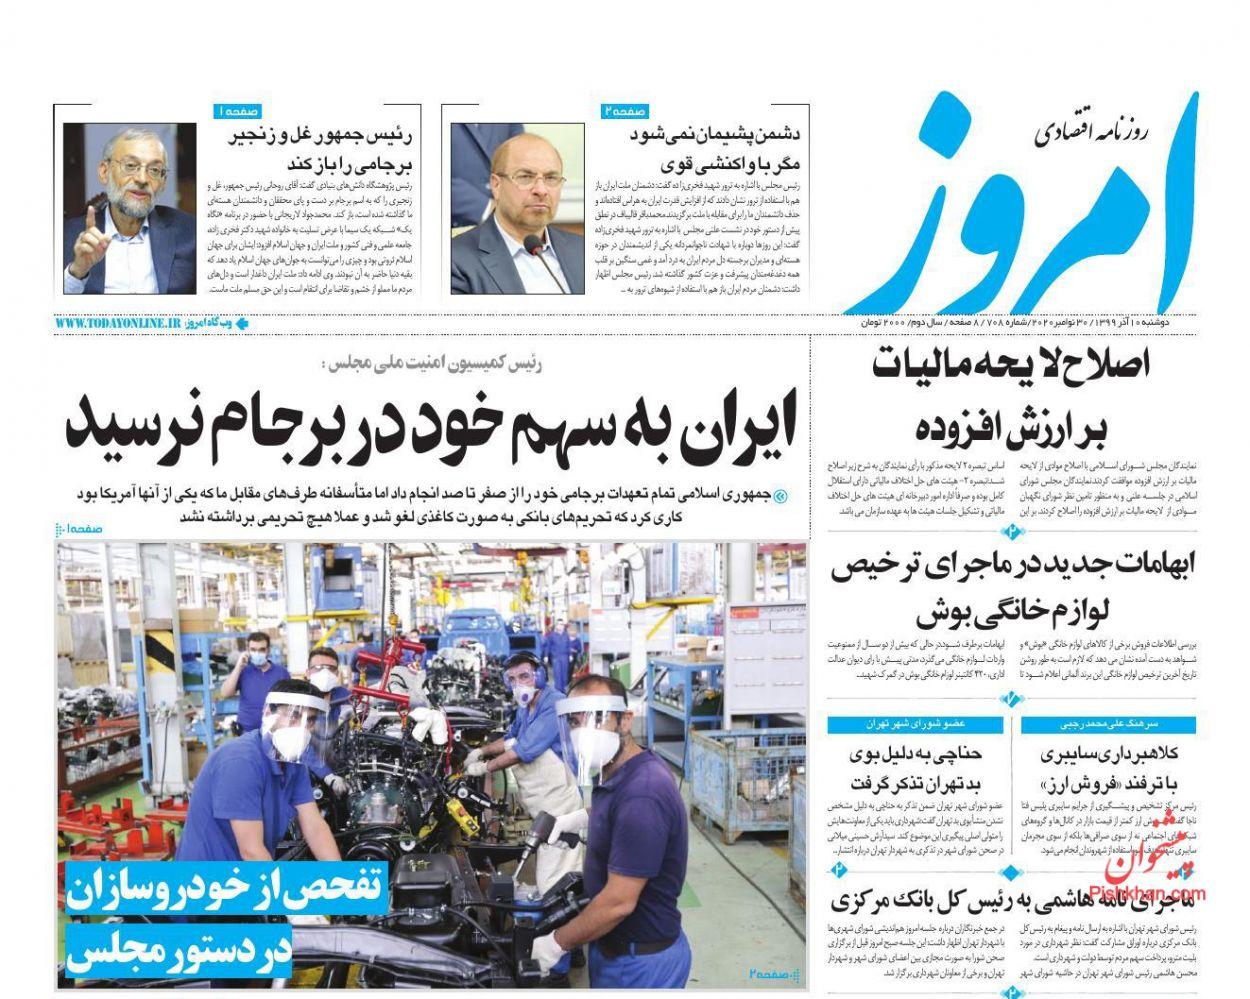 عناوین اخبار روزنامه امروز در روز دوشنبه ۱۰ آذر